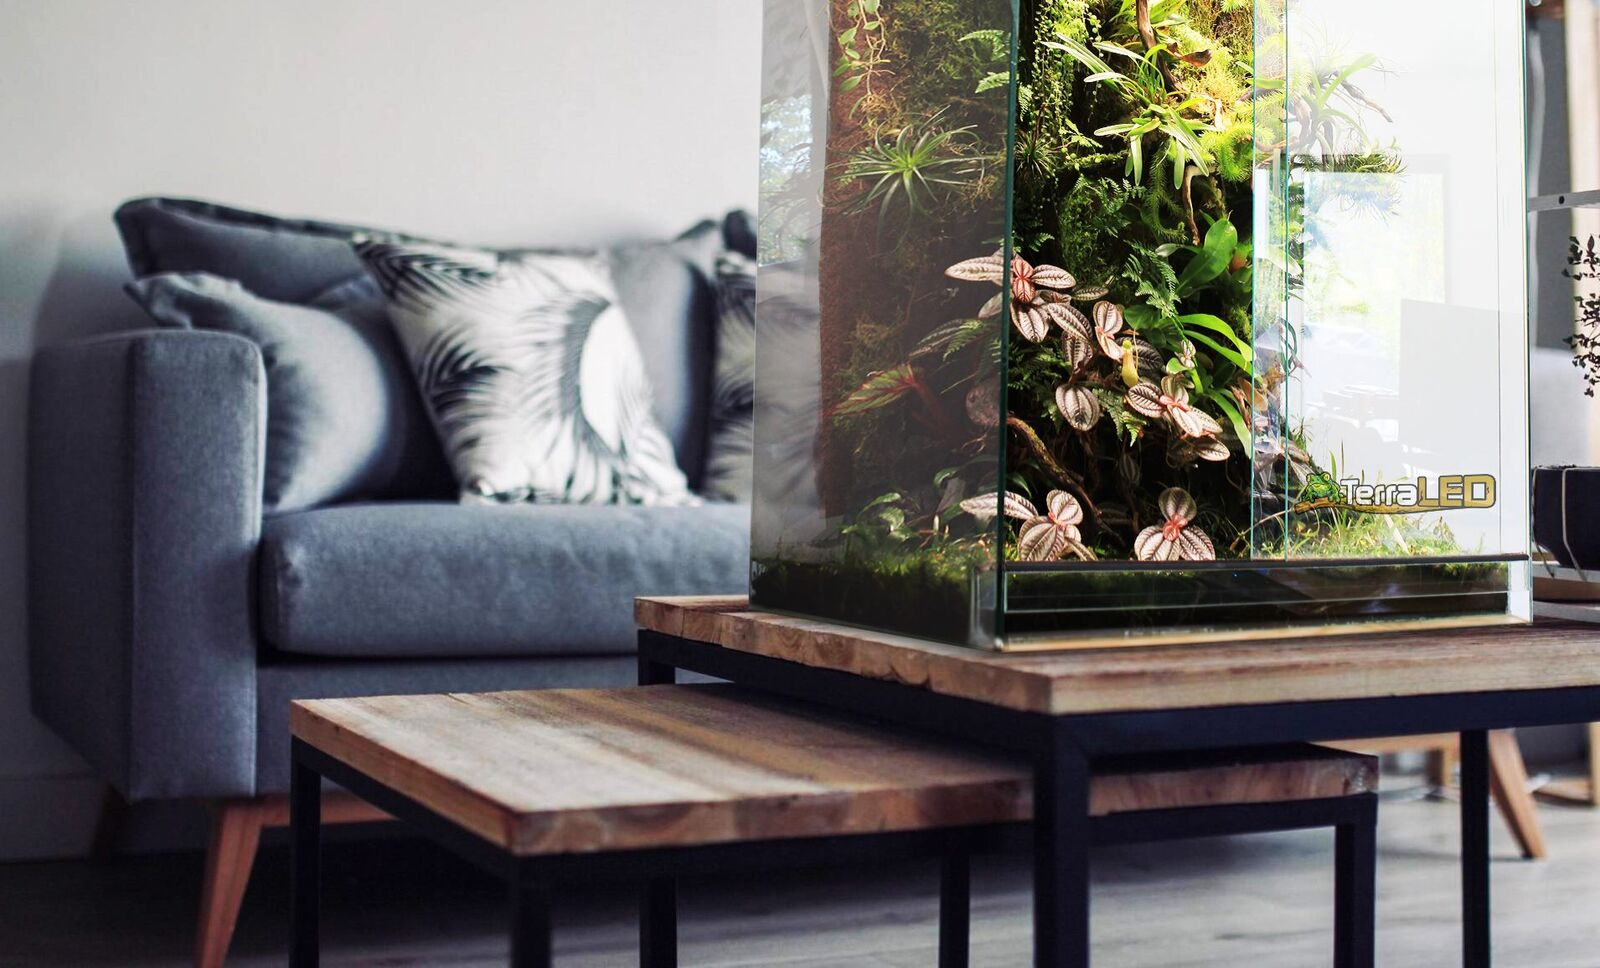 terrarium-terraled.jpeg